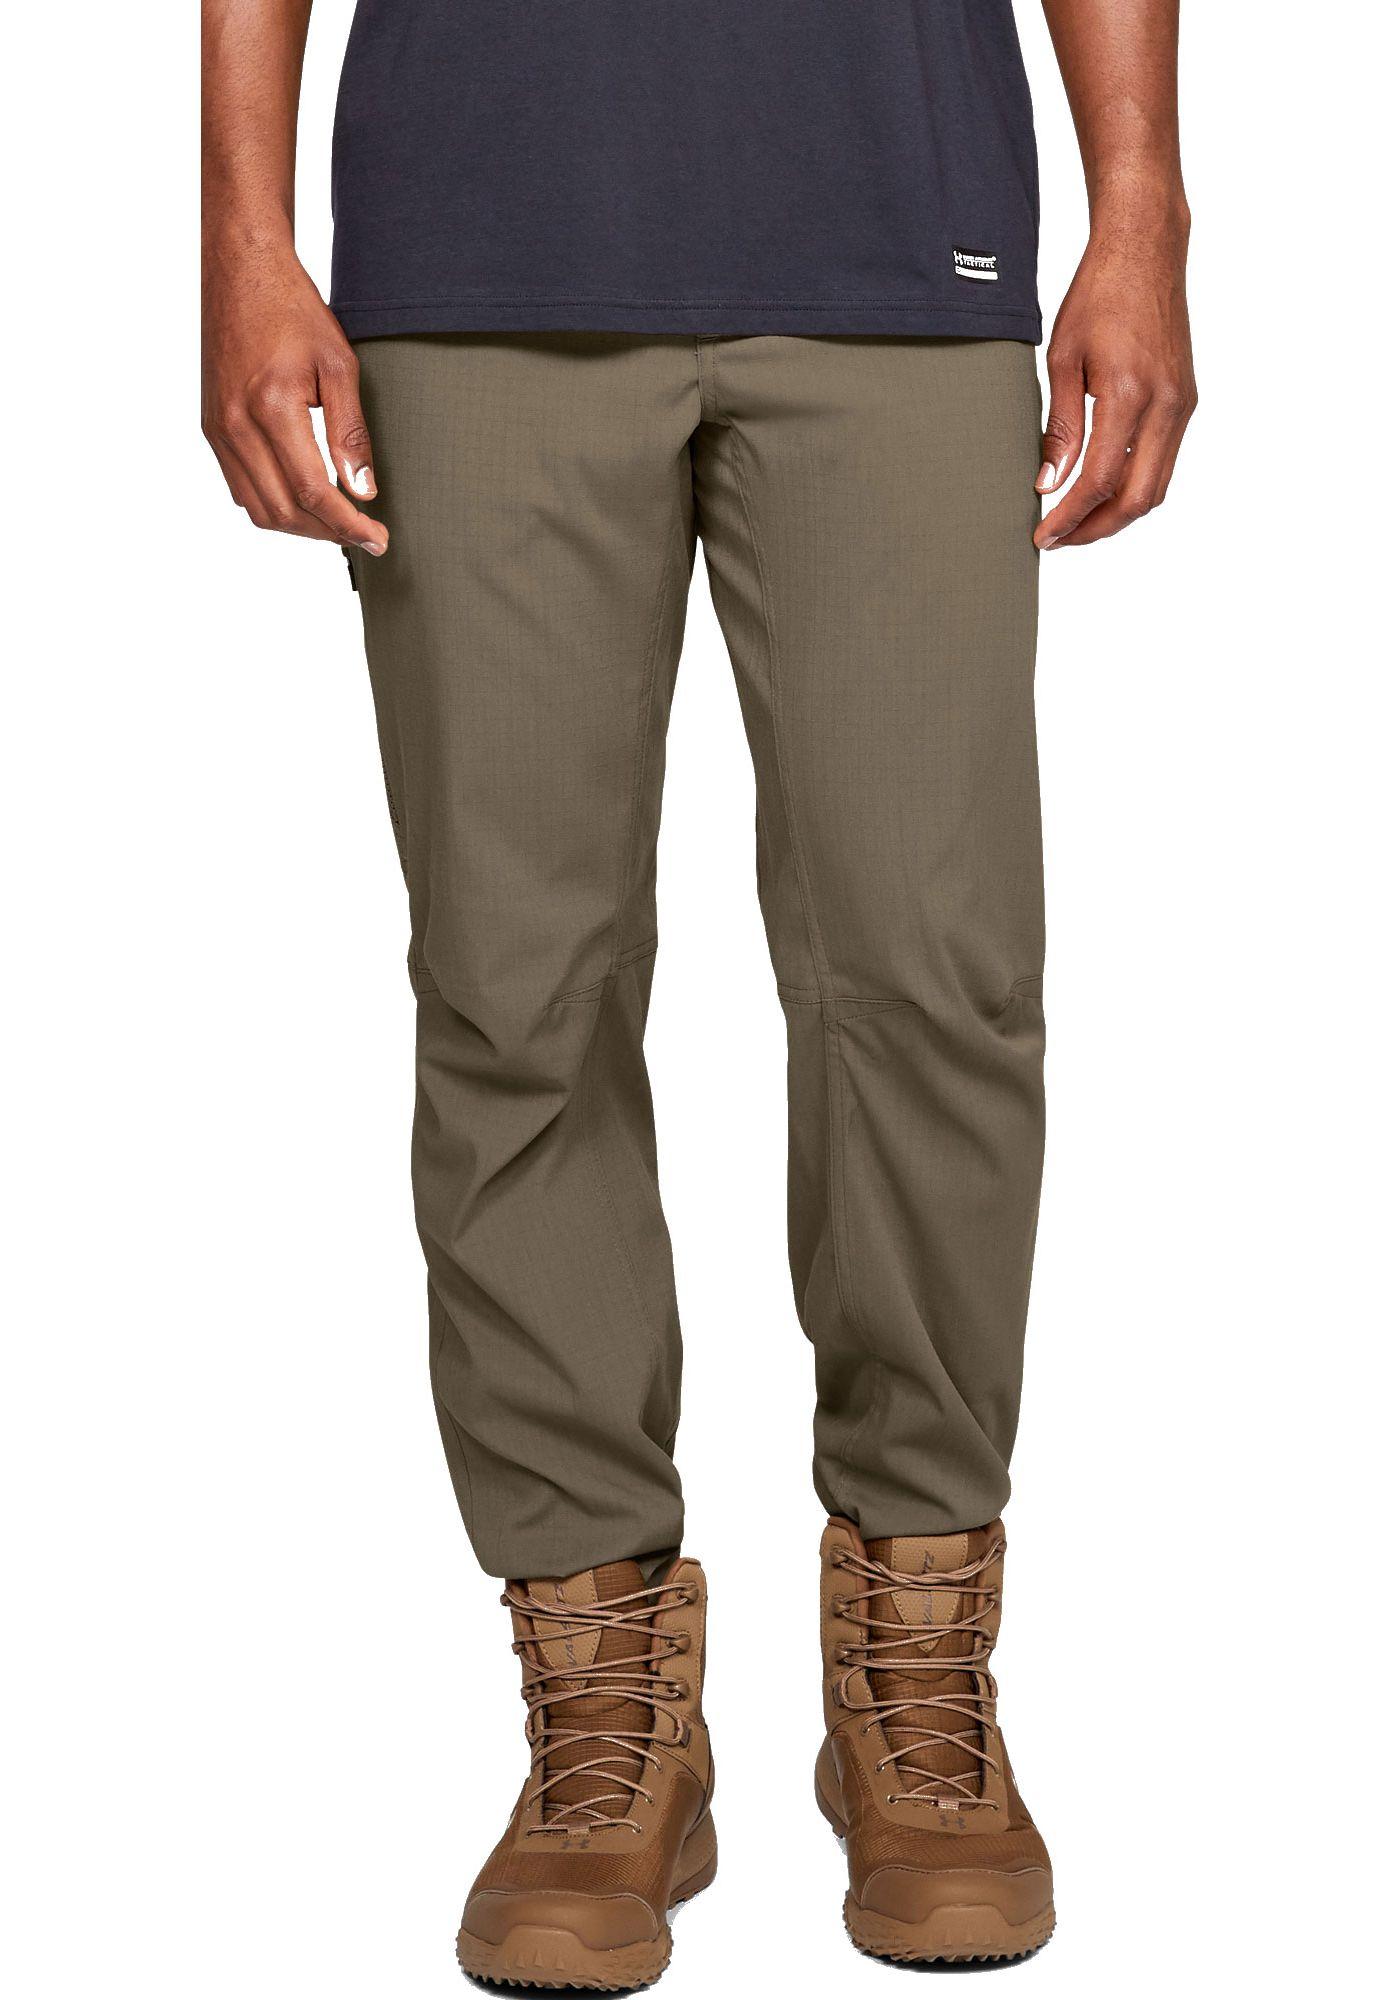 Under Armour Men's Enduro Tactical Pants (Regular and Big & Tall)